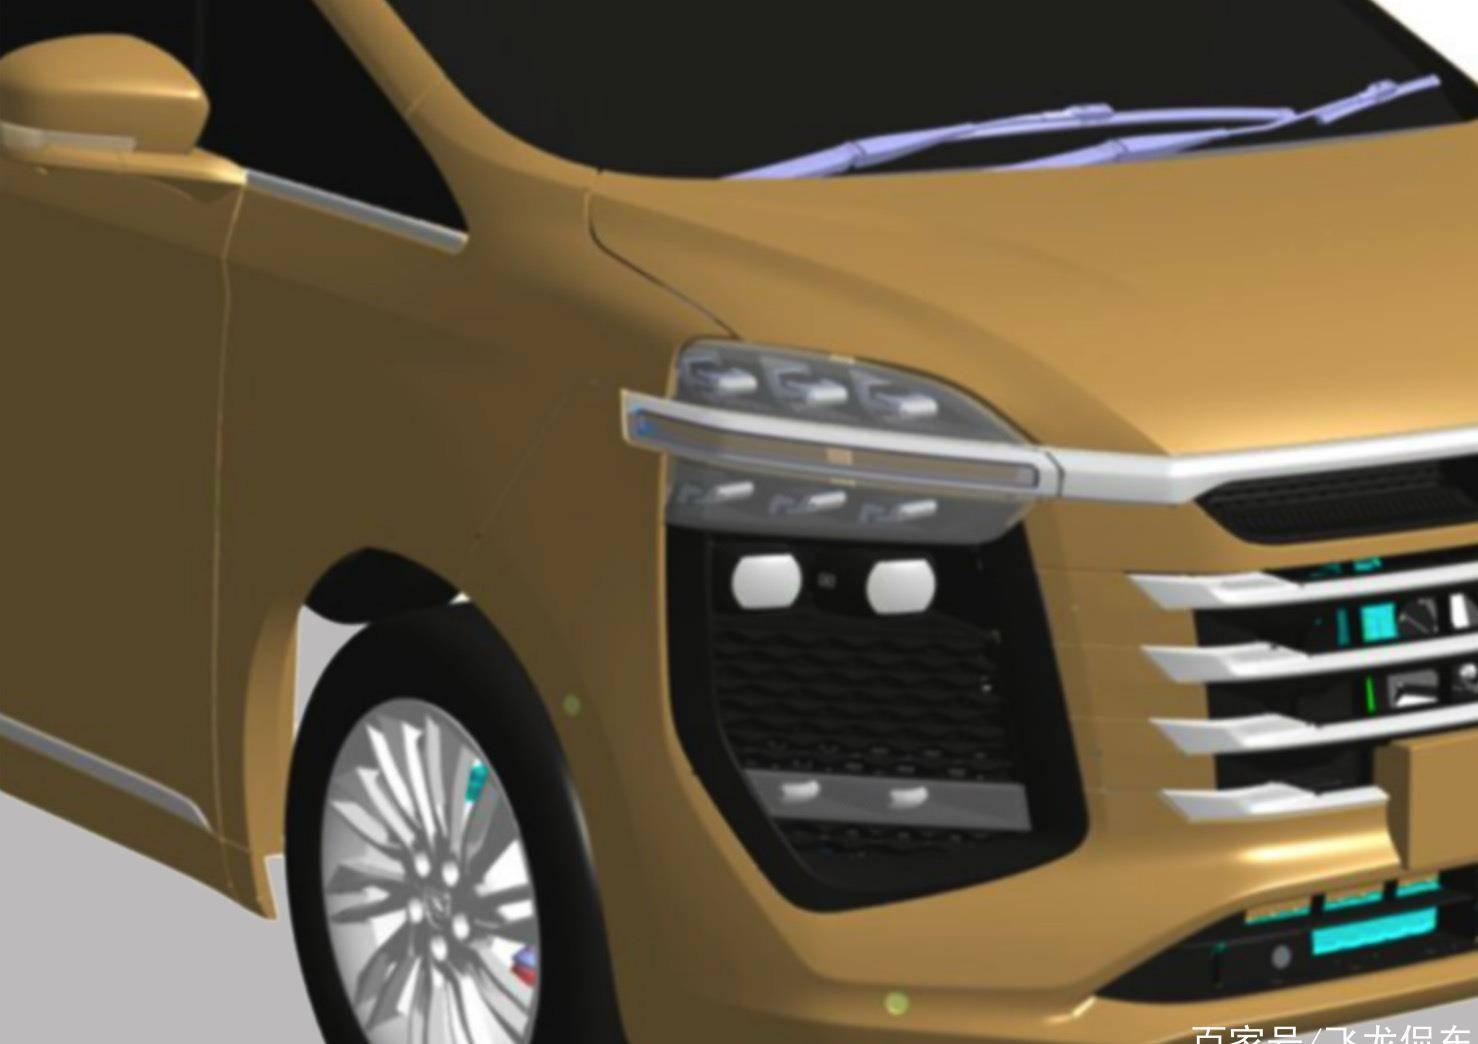 另一辆原装良心车,5米长,配有2.0T发动机,还配有双天窗和双滑动门